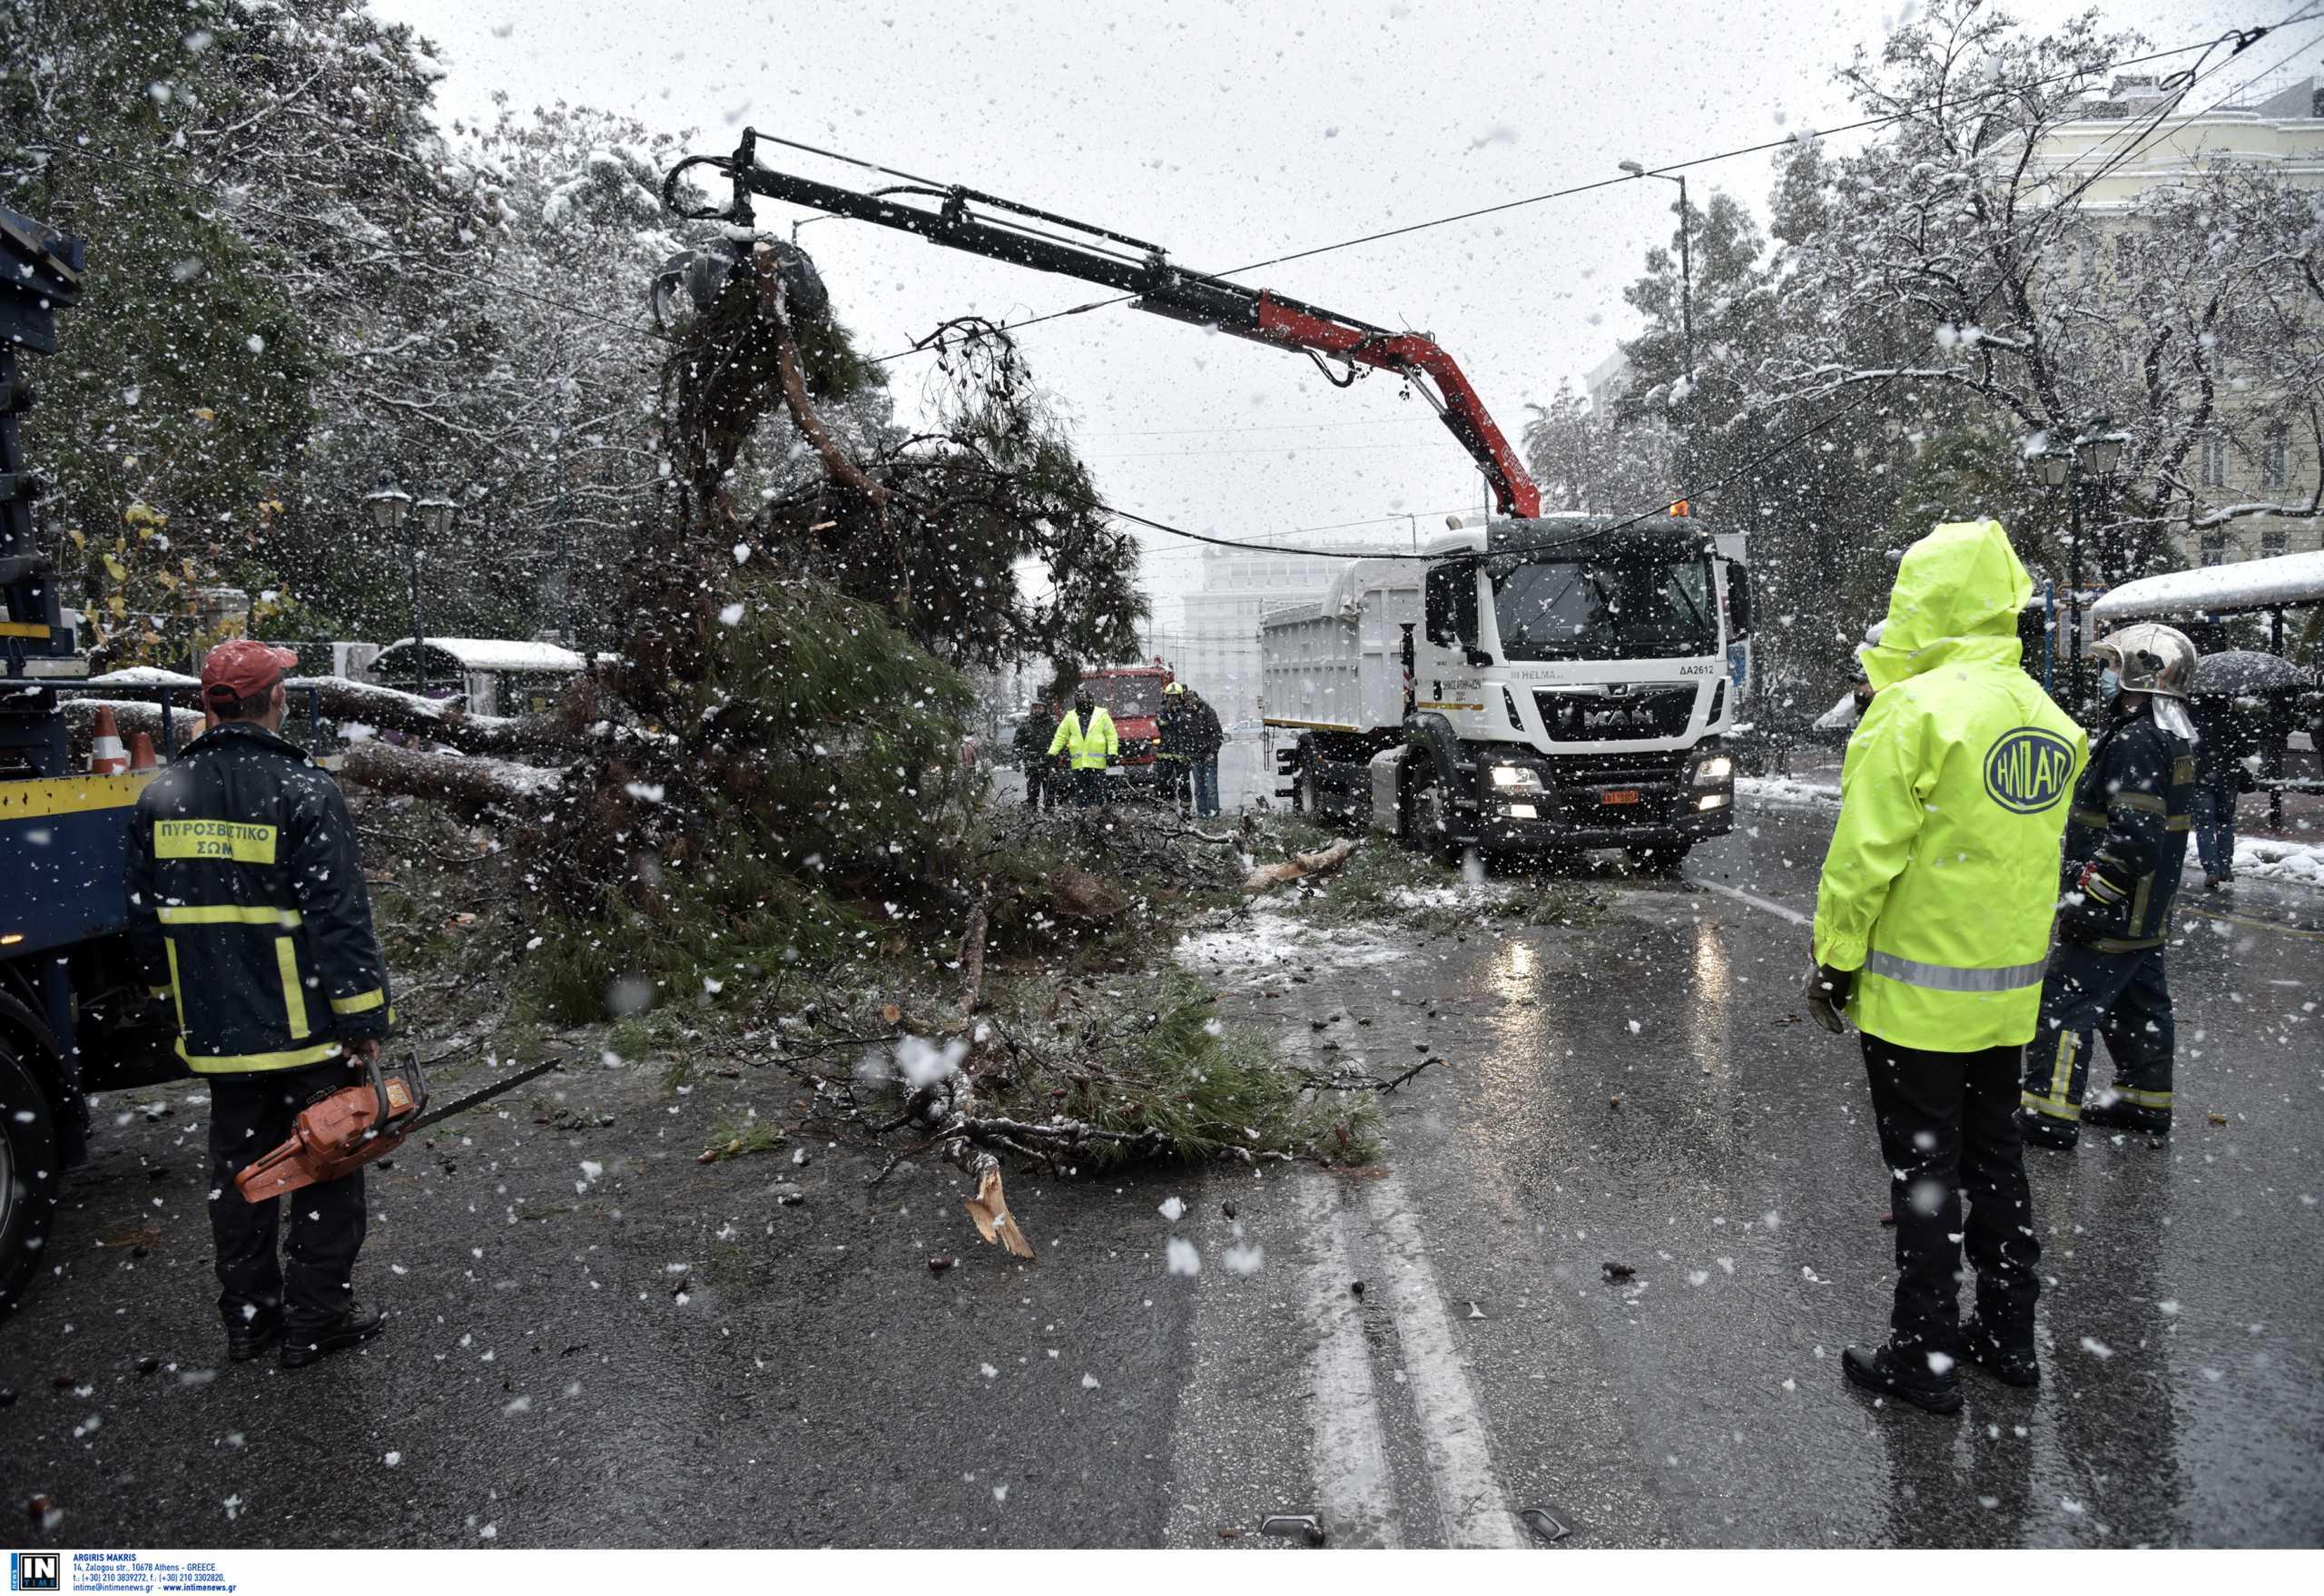 Καιρός – Κακοκαιρία Μήδεια: Κανονικά η κυκλοφορία στη Βασιλίσσης Σοφίας μετά την πτώση δέντρου (pics)